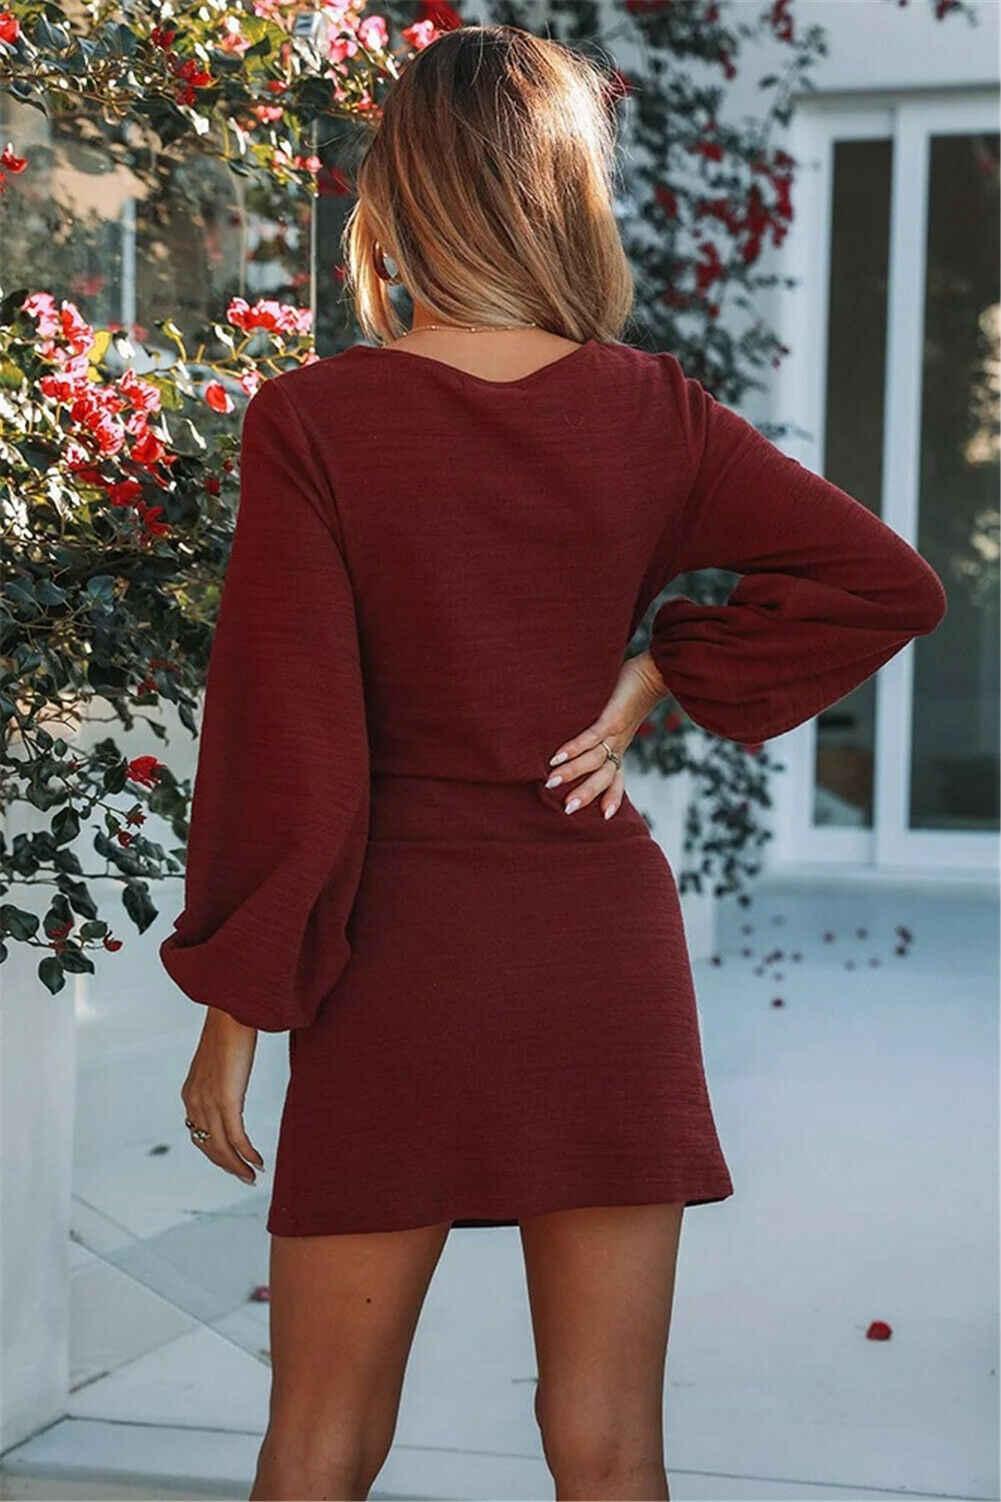 Damska jesień czerwona w stylu Vintage tnie, z długim rękawem, z dzianiny, ciasny gorset ołówek Cocktail Party sweter sukienka 4 kolory